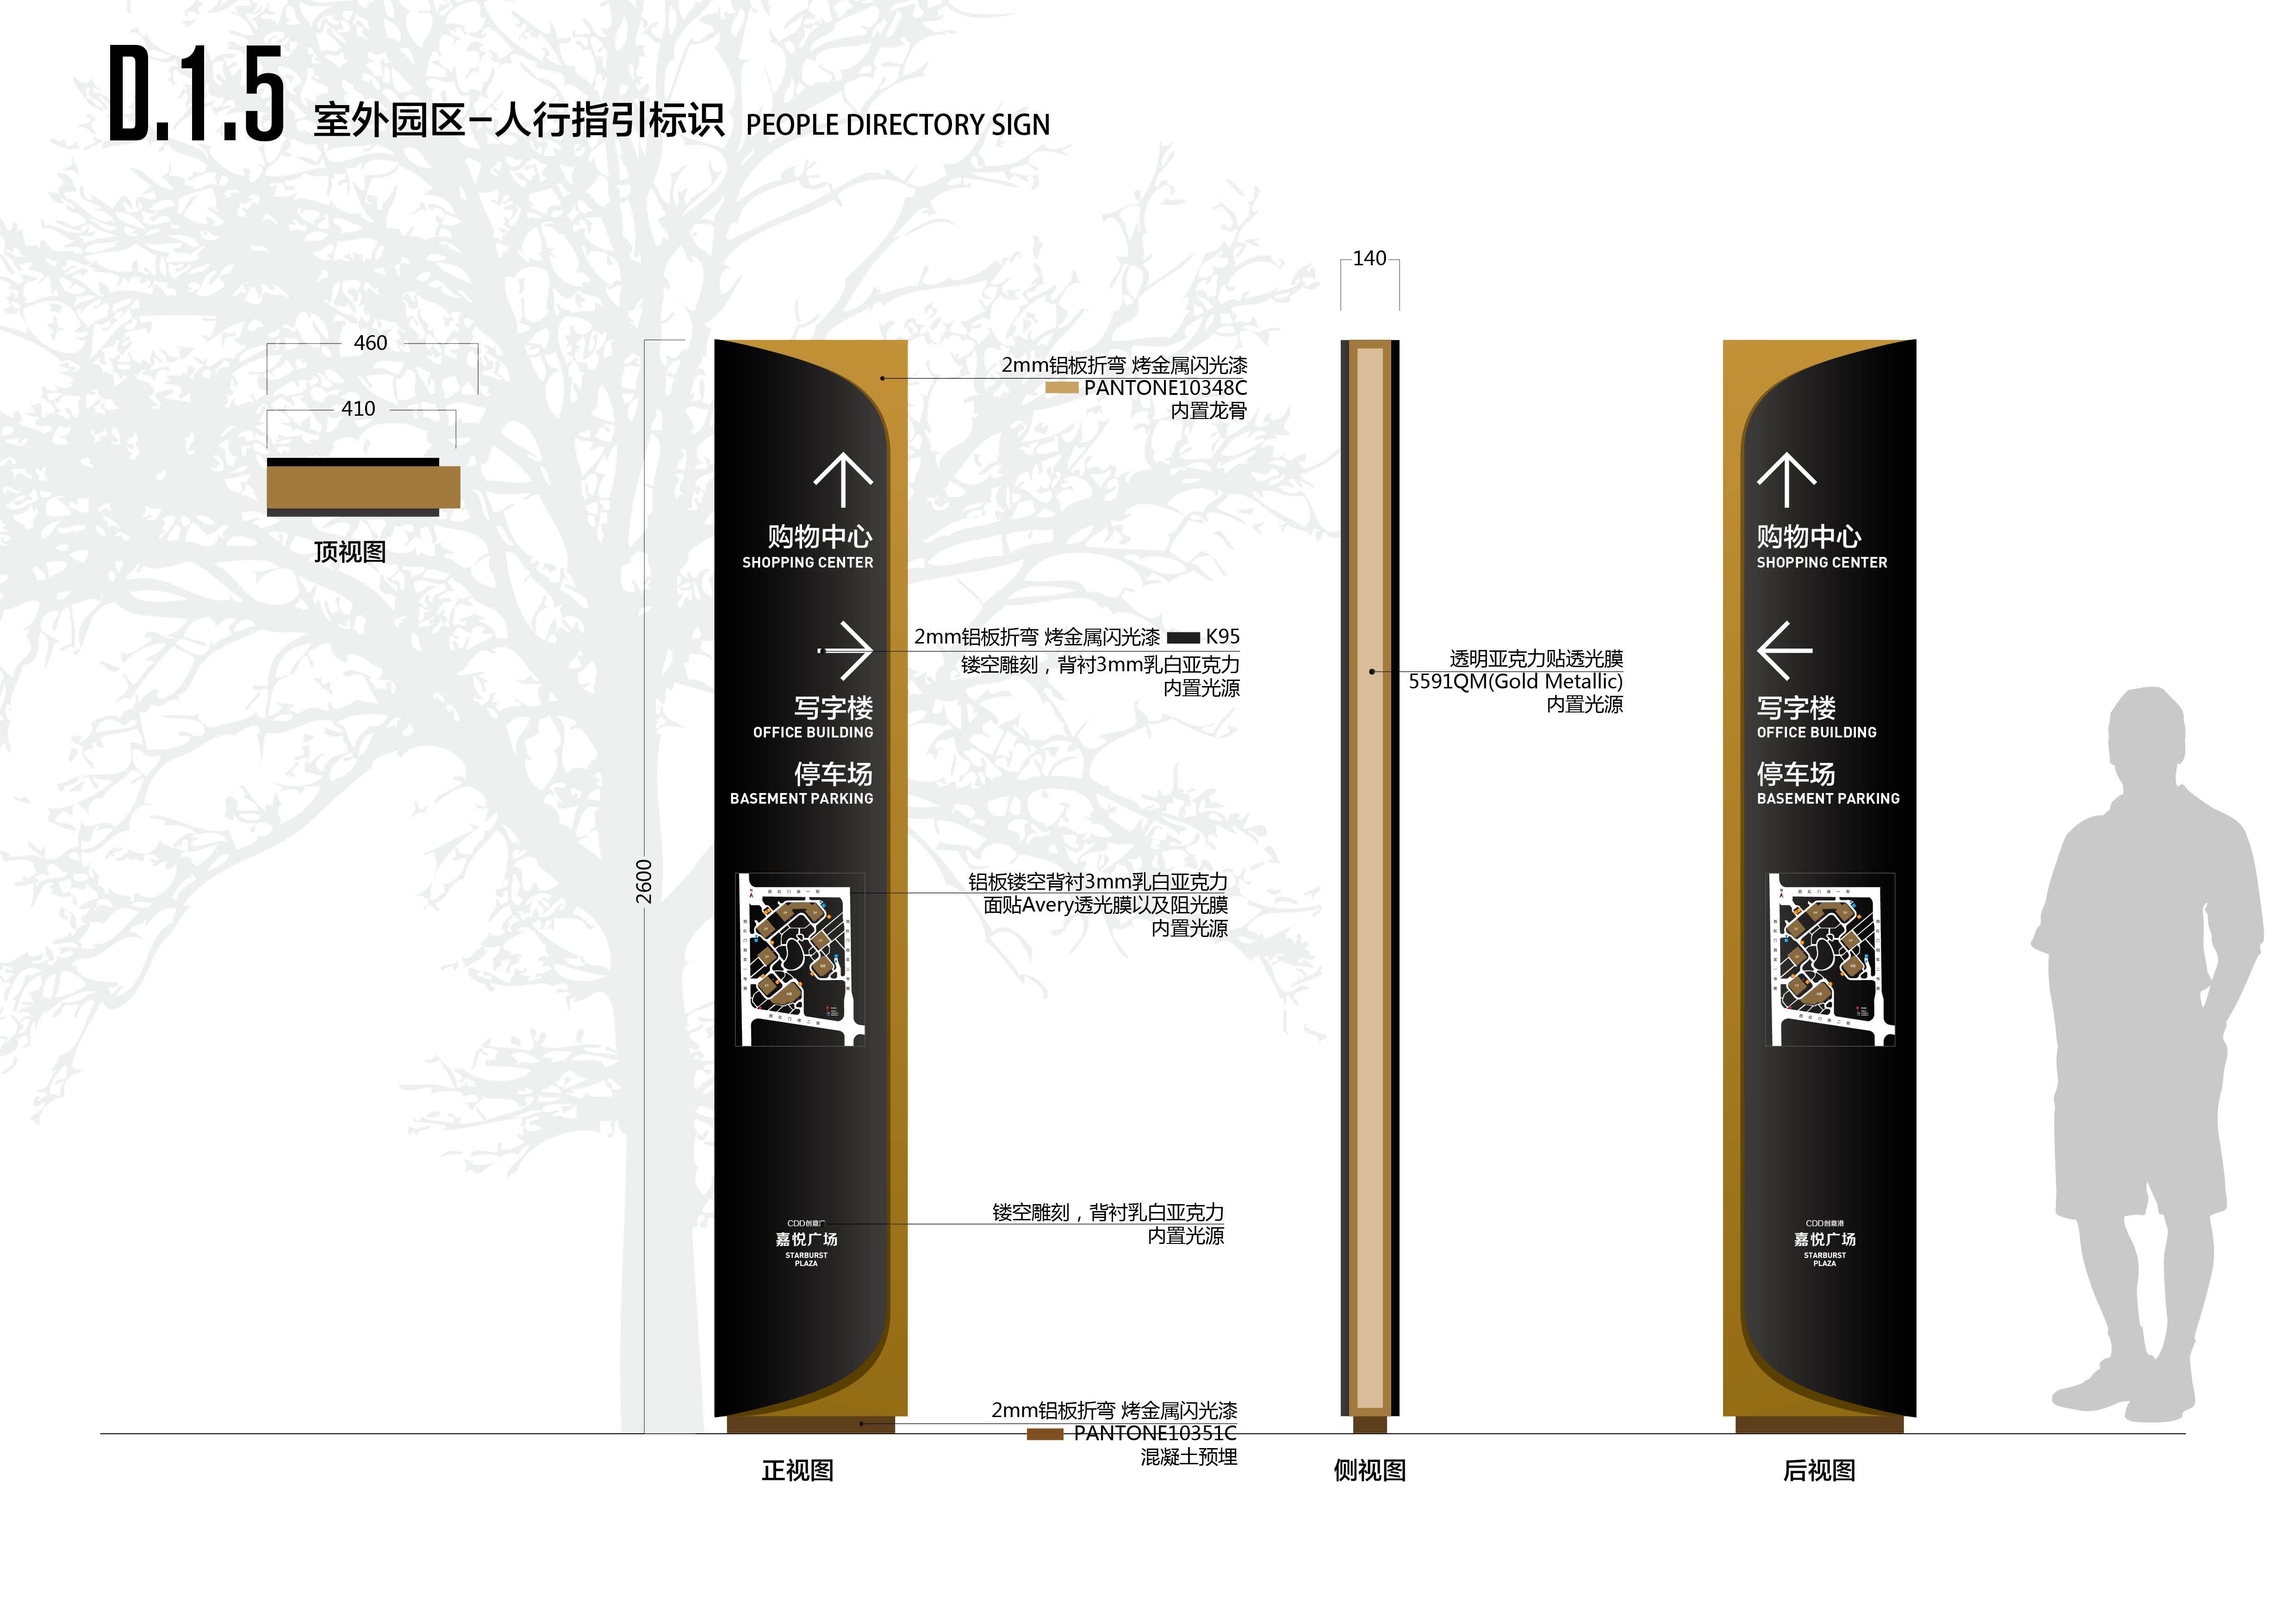 页面提取自-CDD创意港嘉悦广场标识系统招标图册2014.02.28_页面_4